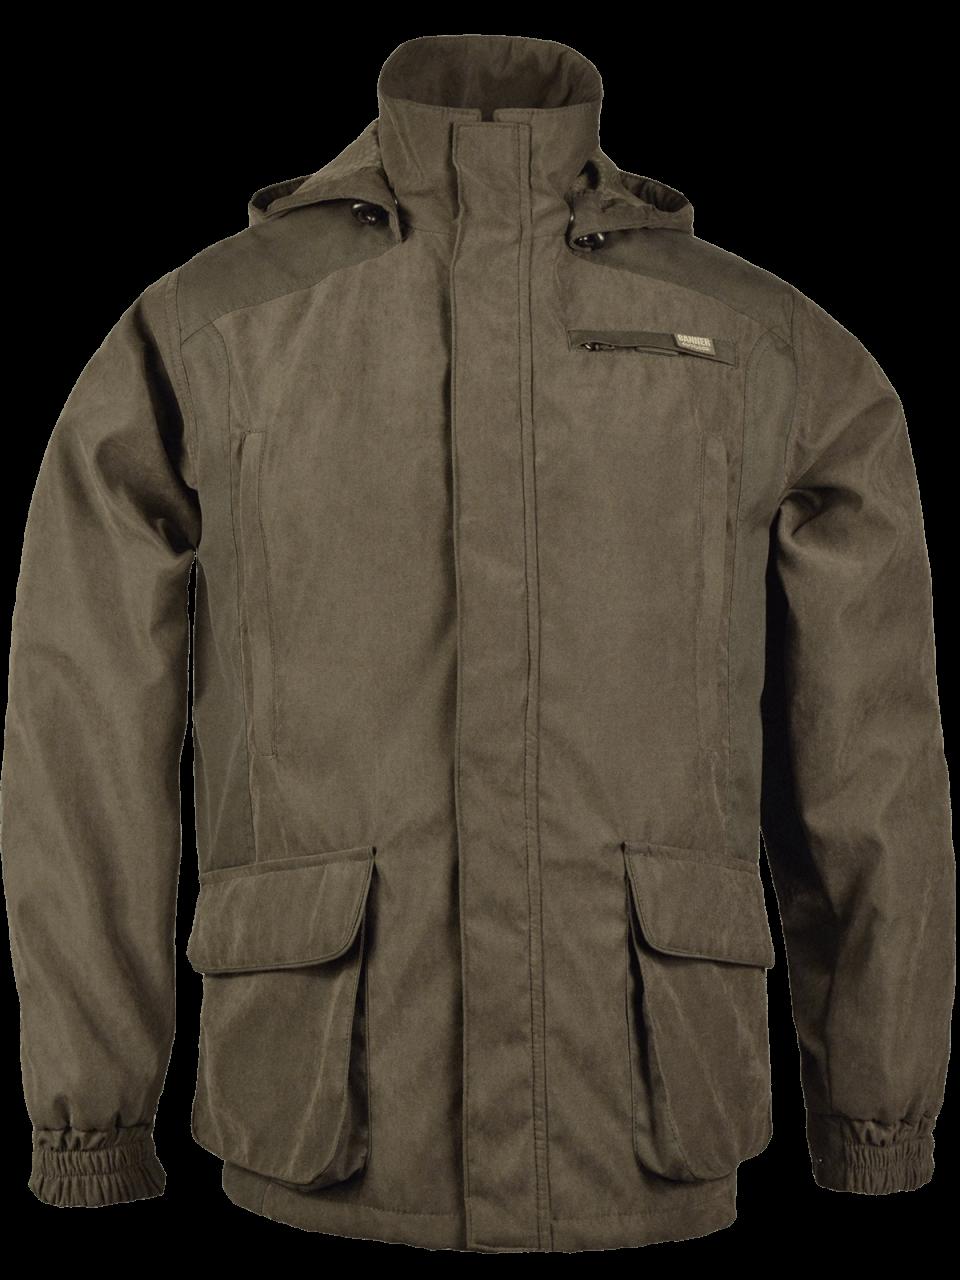 membránová bunda Rascan outdoorové oblečenie pred